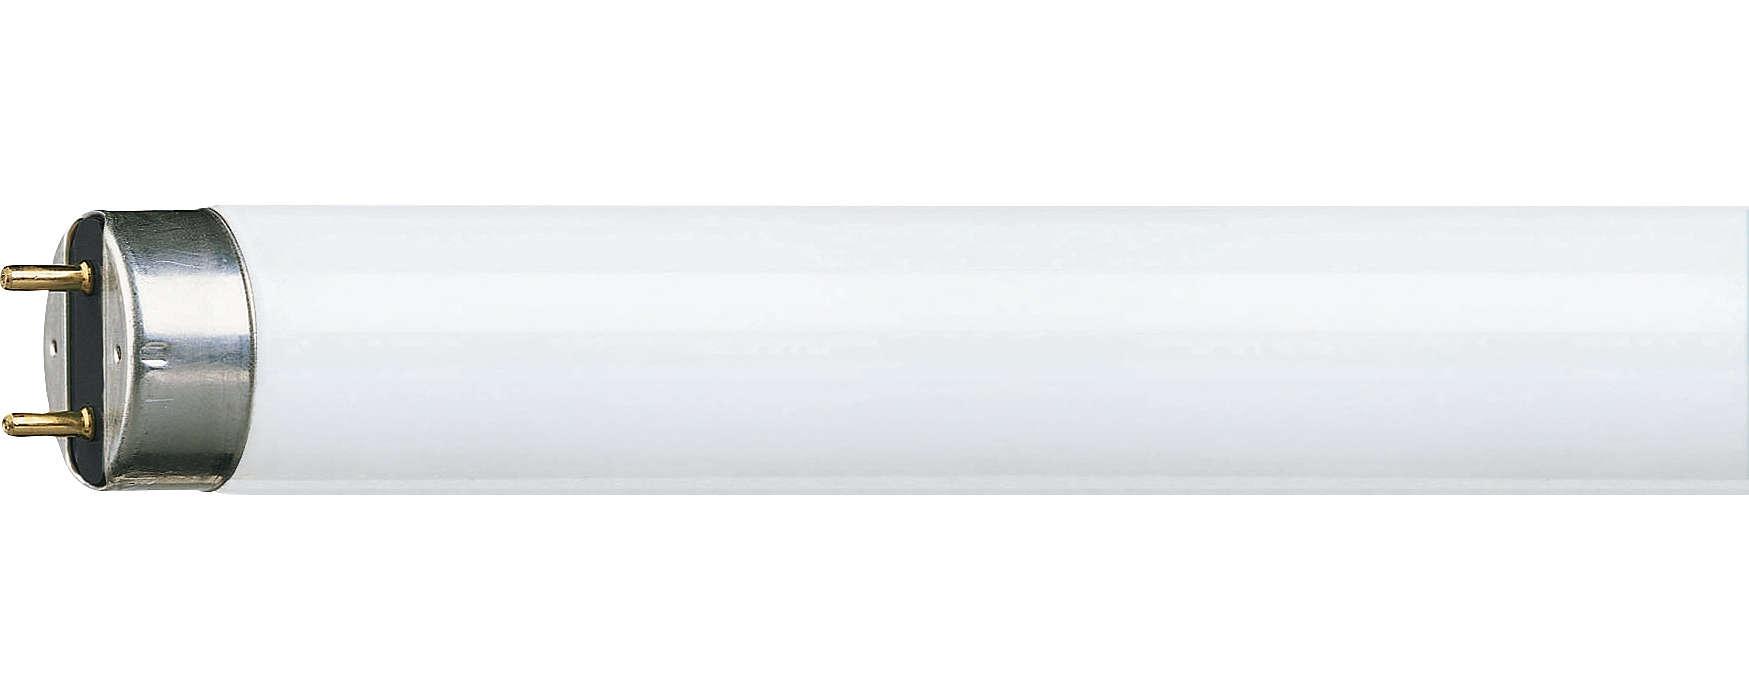 Effiziente Leuchtstofflampe mit verbesserter Farbwiedergabe